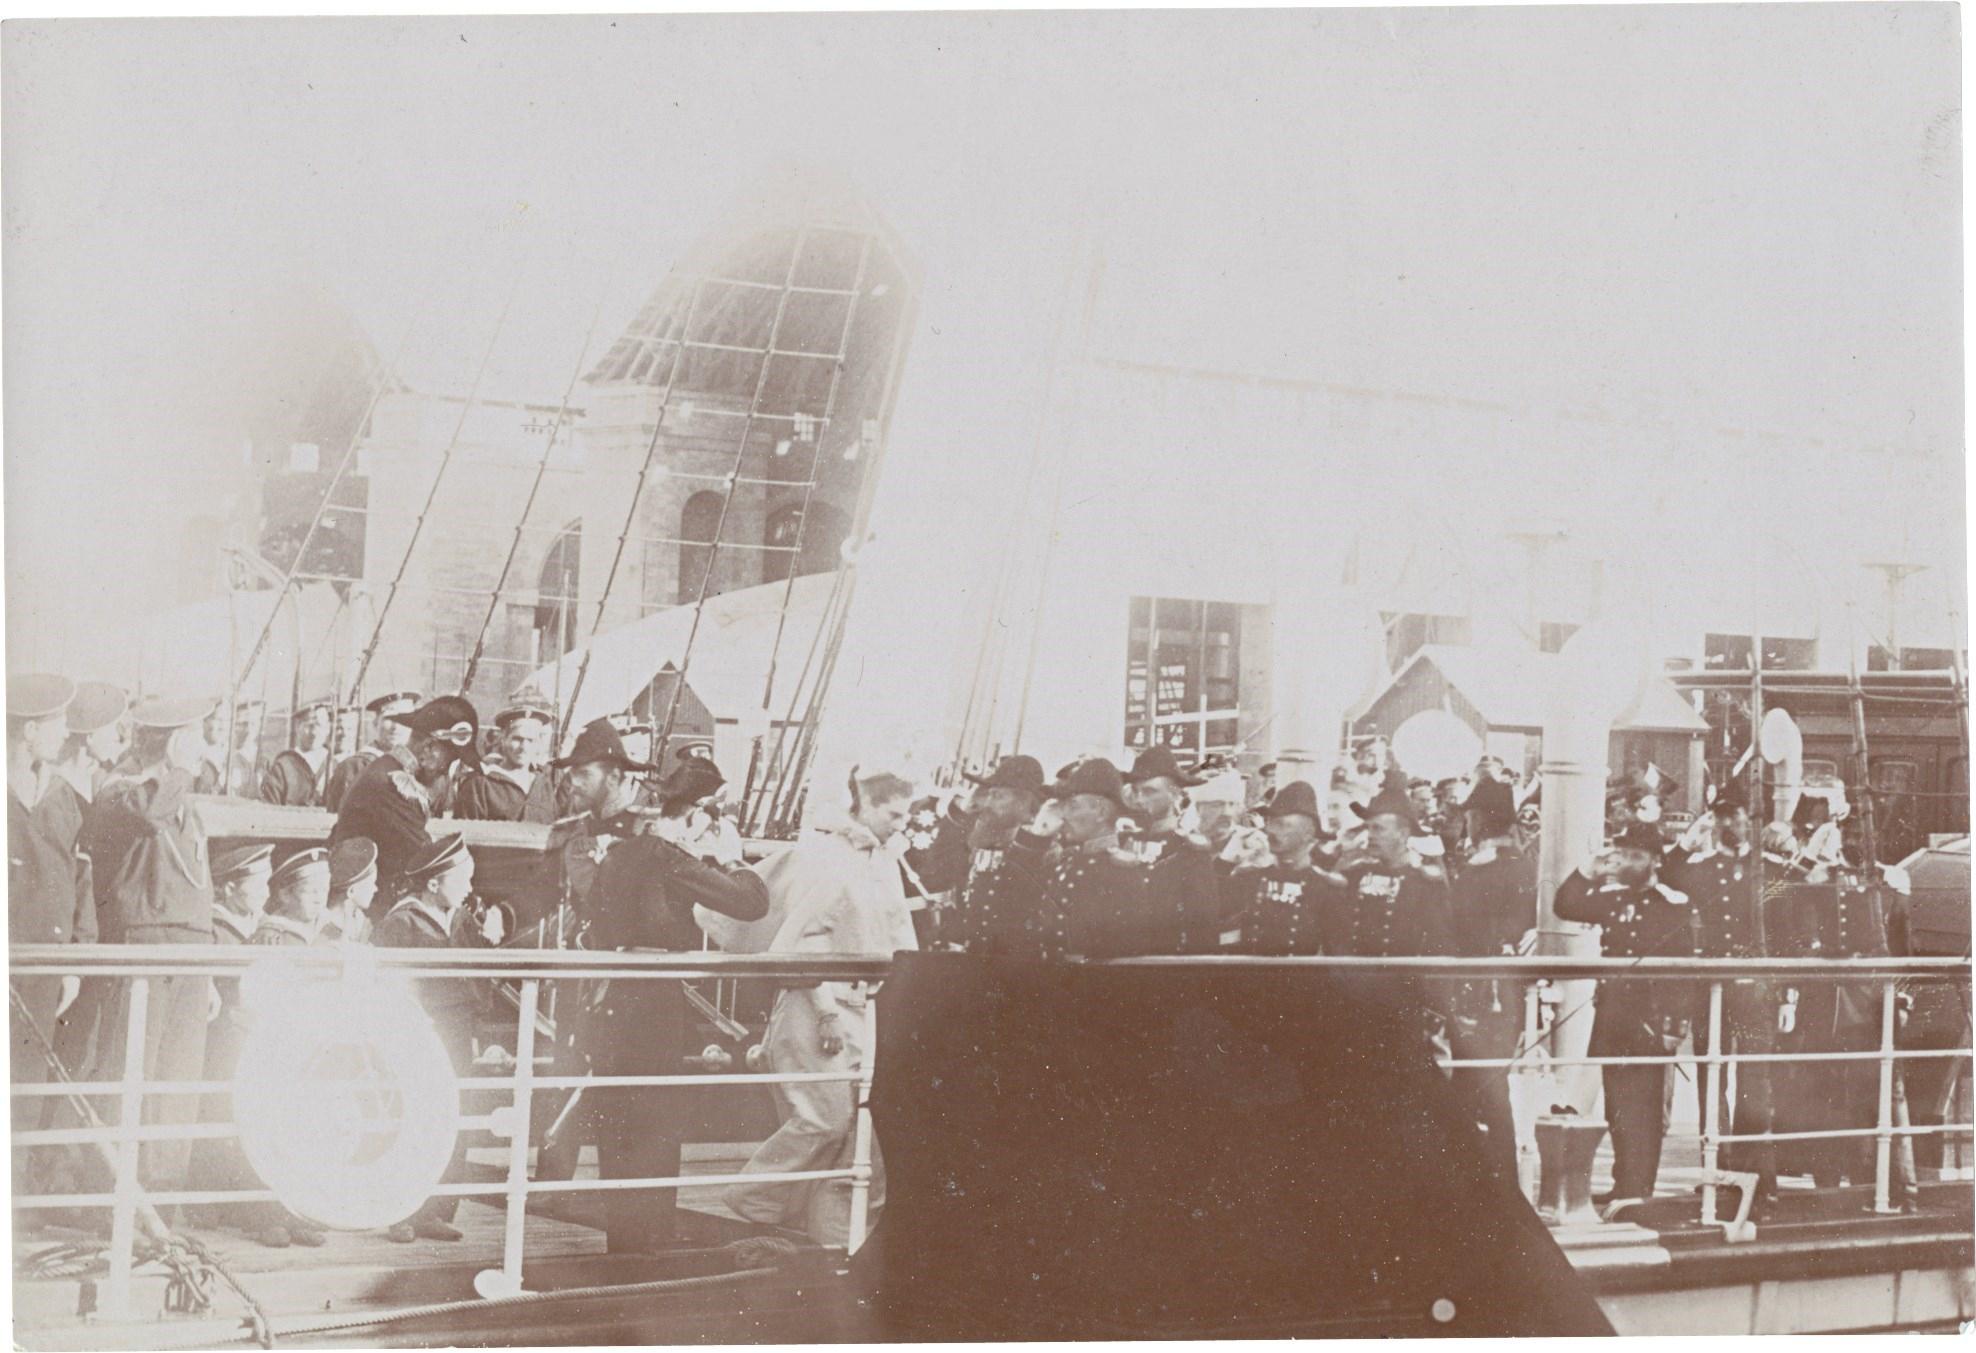 09. Император Николай II, императрица Александра Федоровны и президент Феликс Фор выходят на набережную Шербура